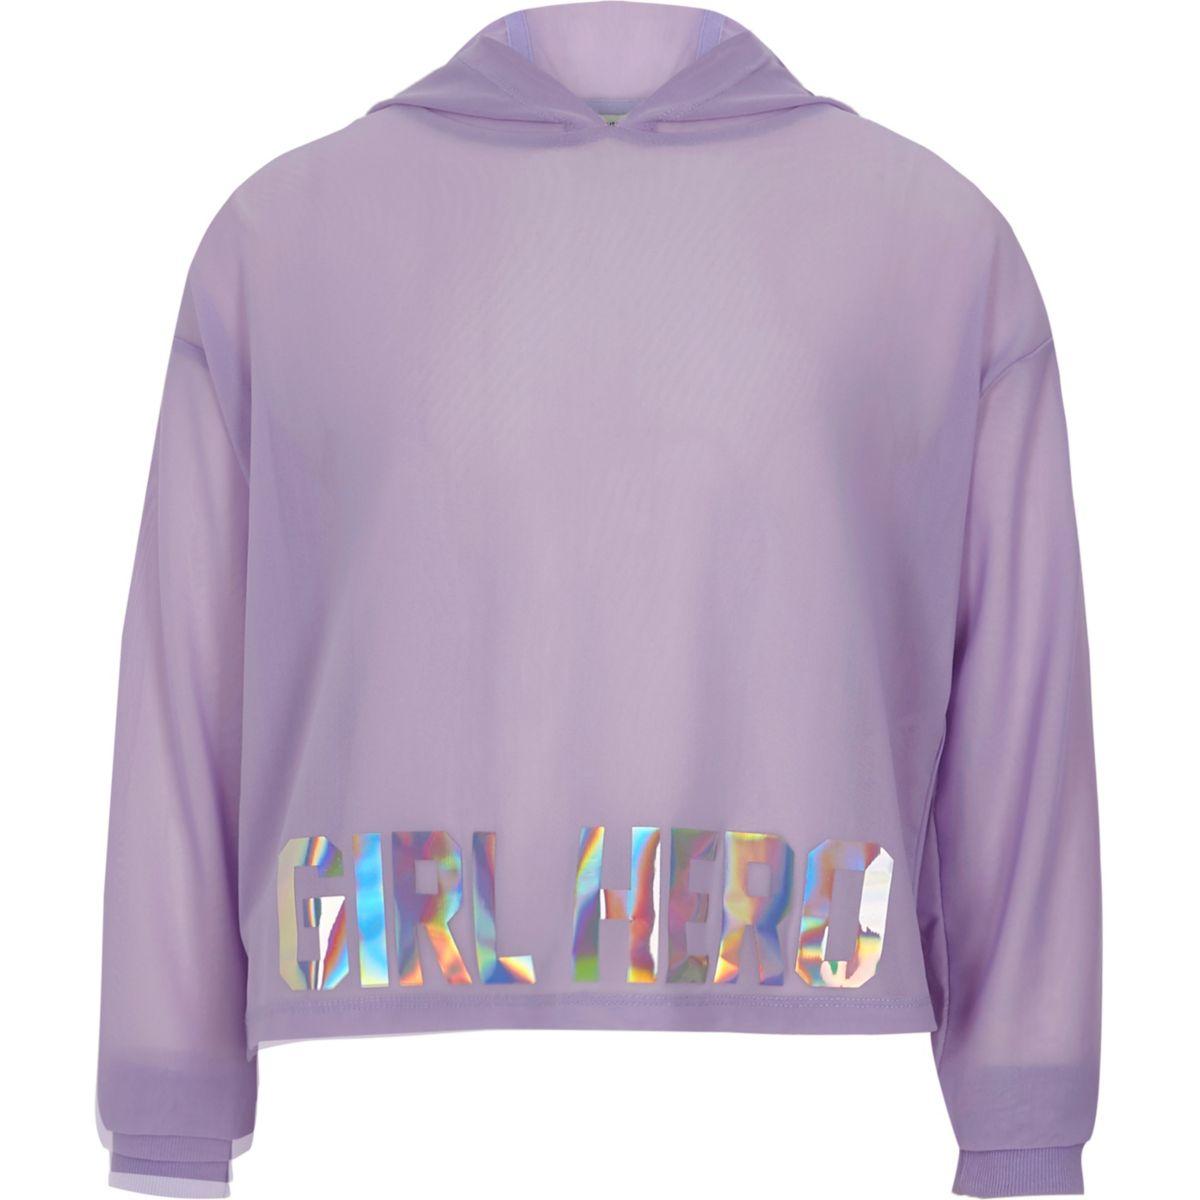 Girls purple mesh 'girl hero' cropped hoodie